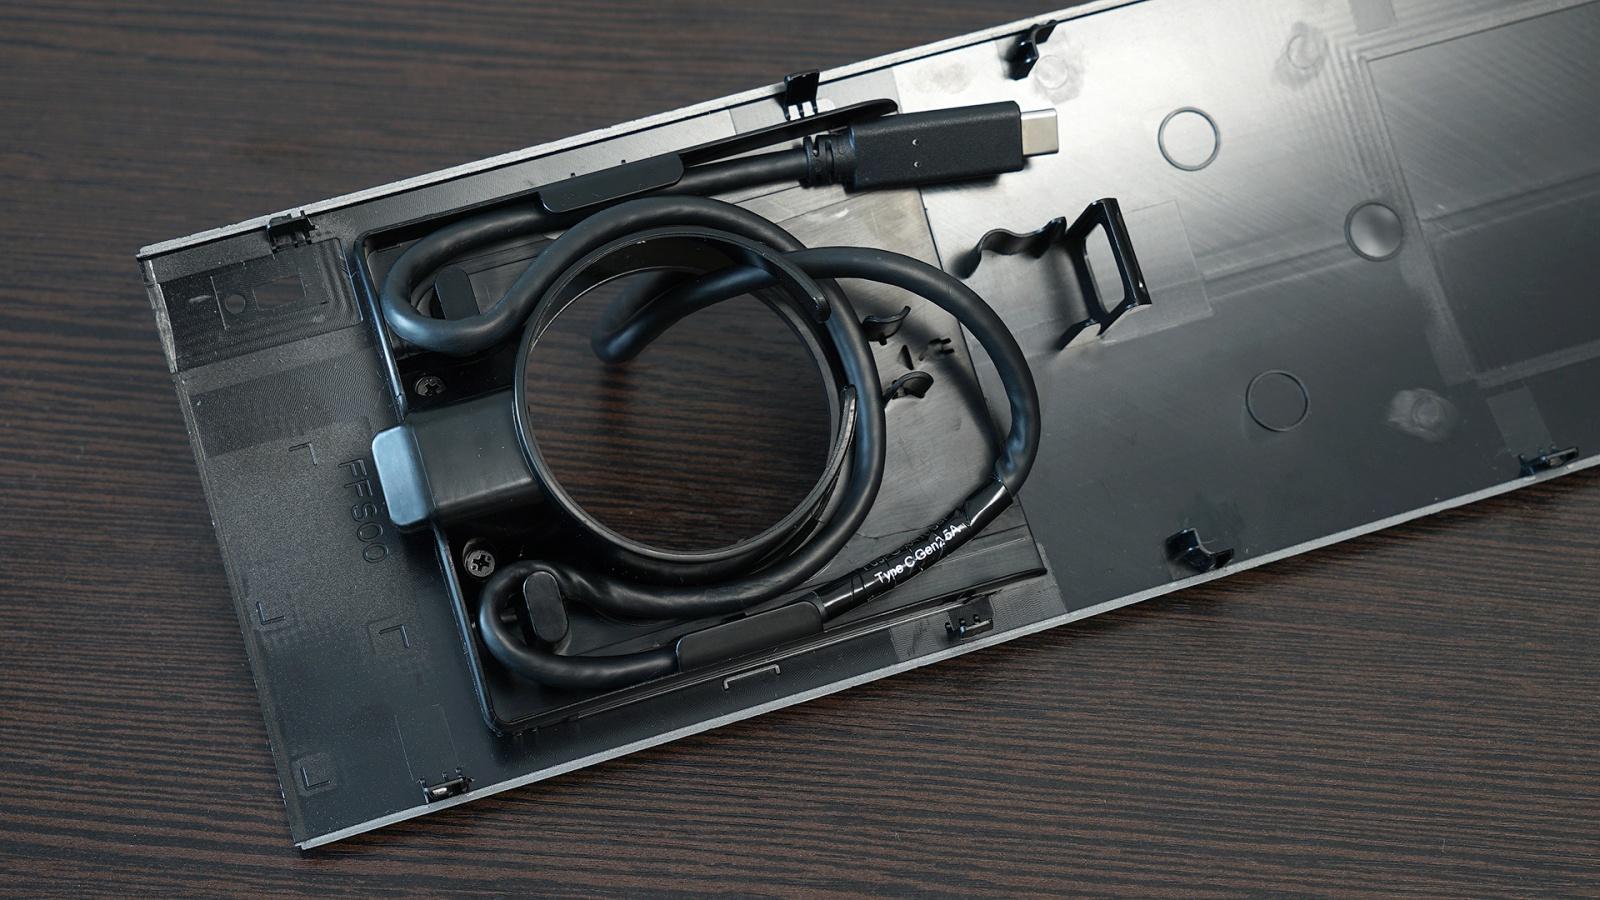 Dell OptiPlex 7070 Ultra: модульный компьютер, который превращает в моноблок любой монитор - 7